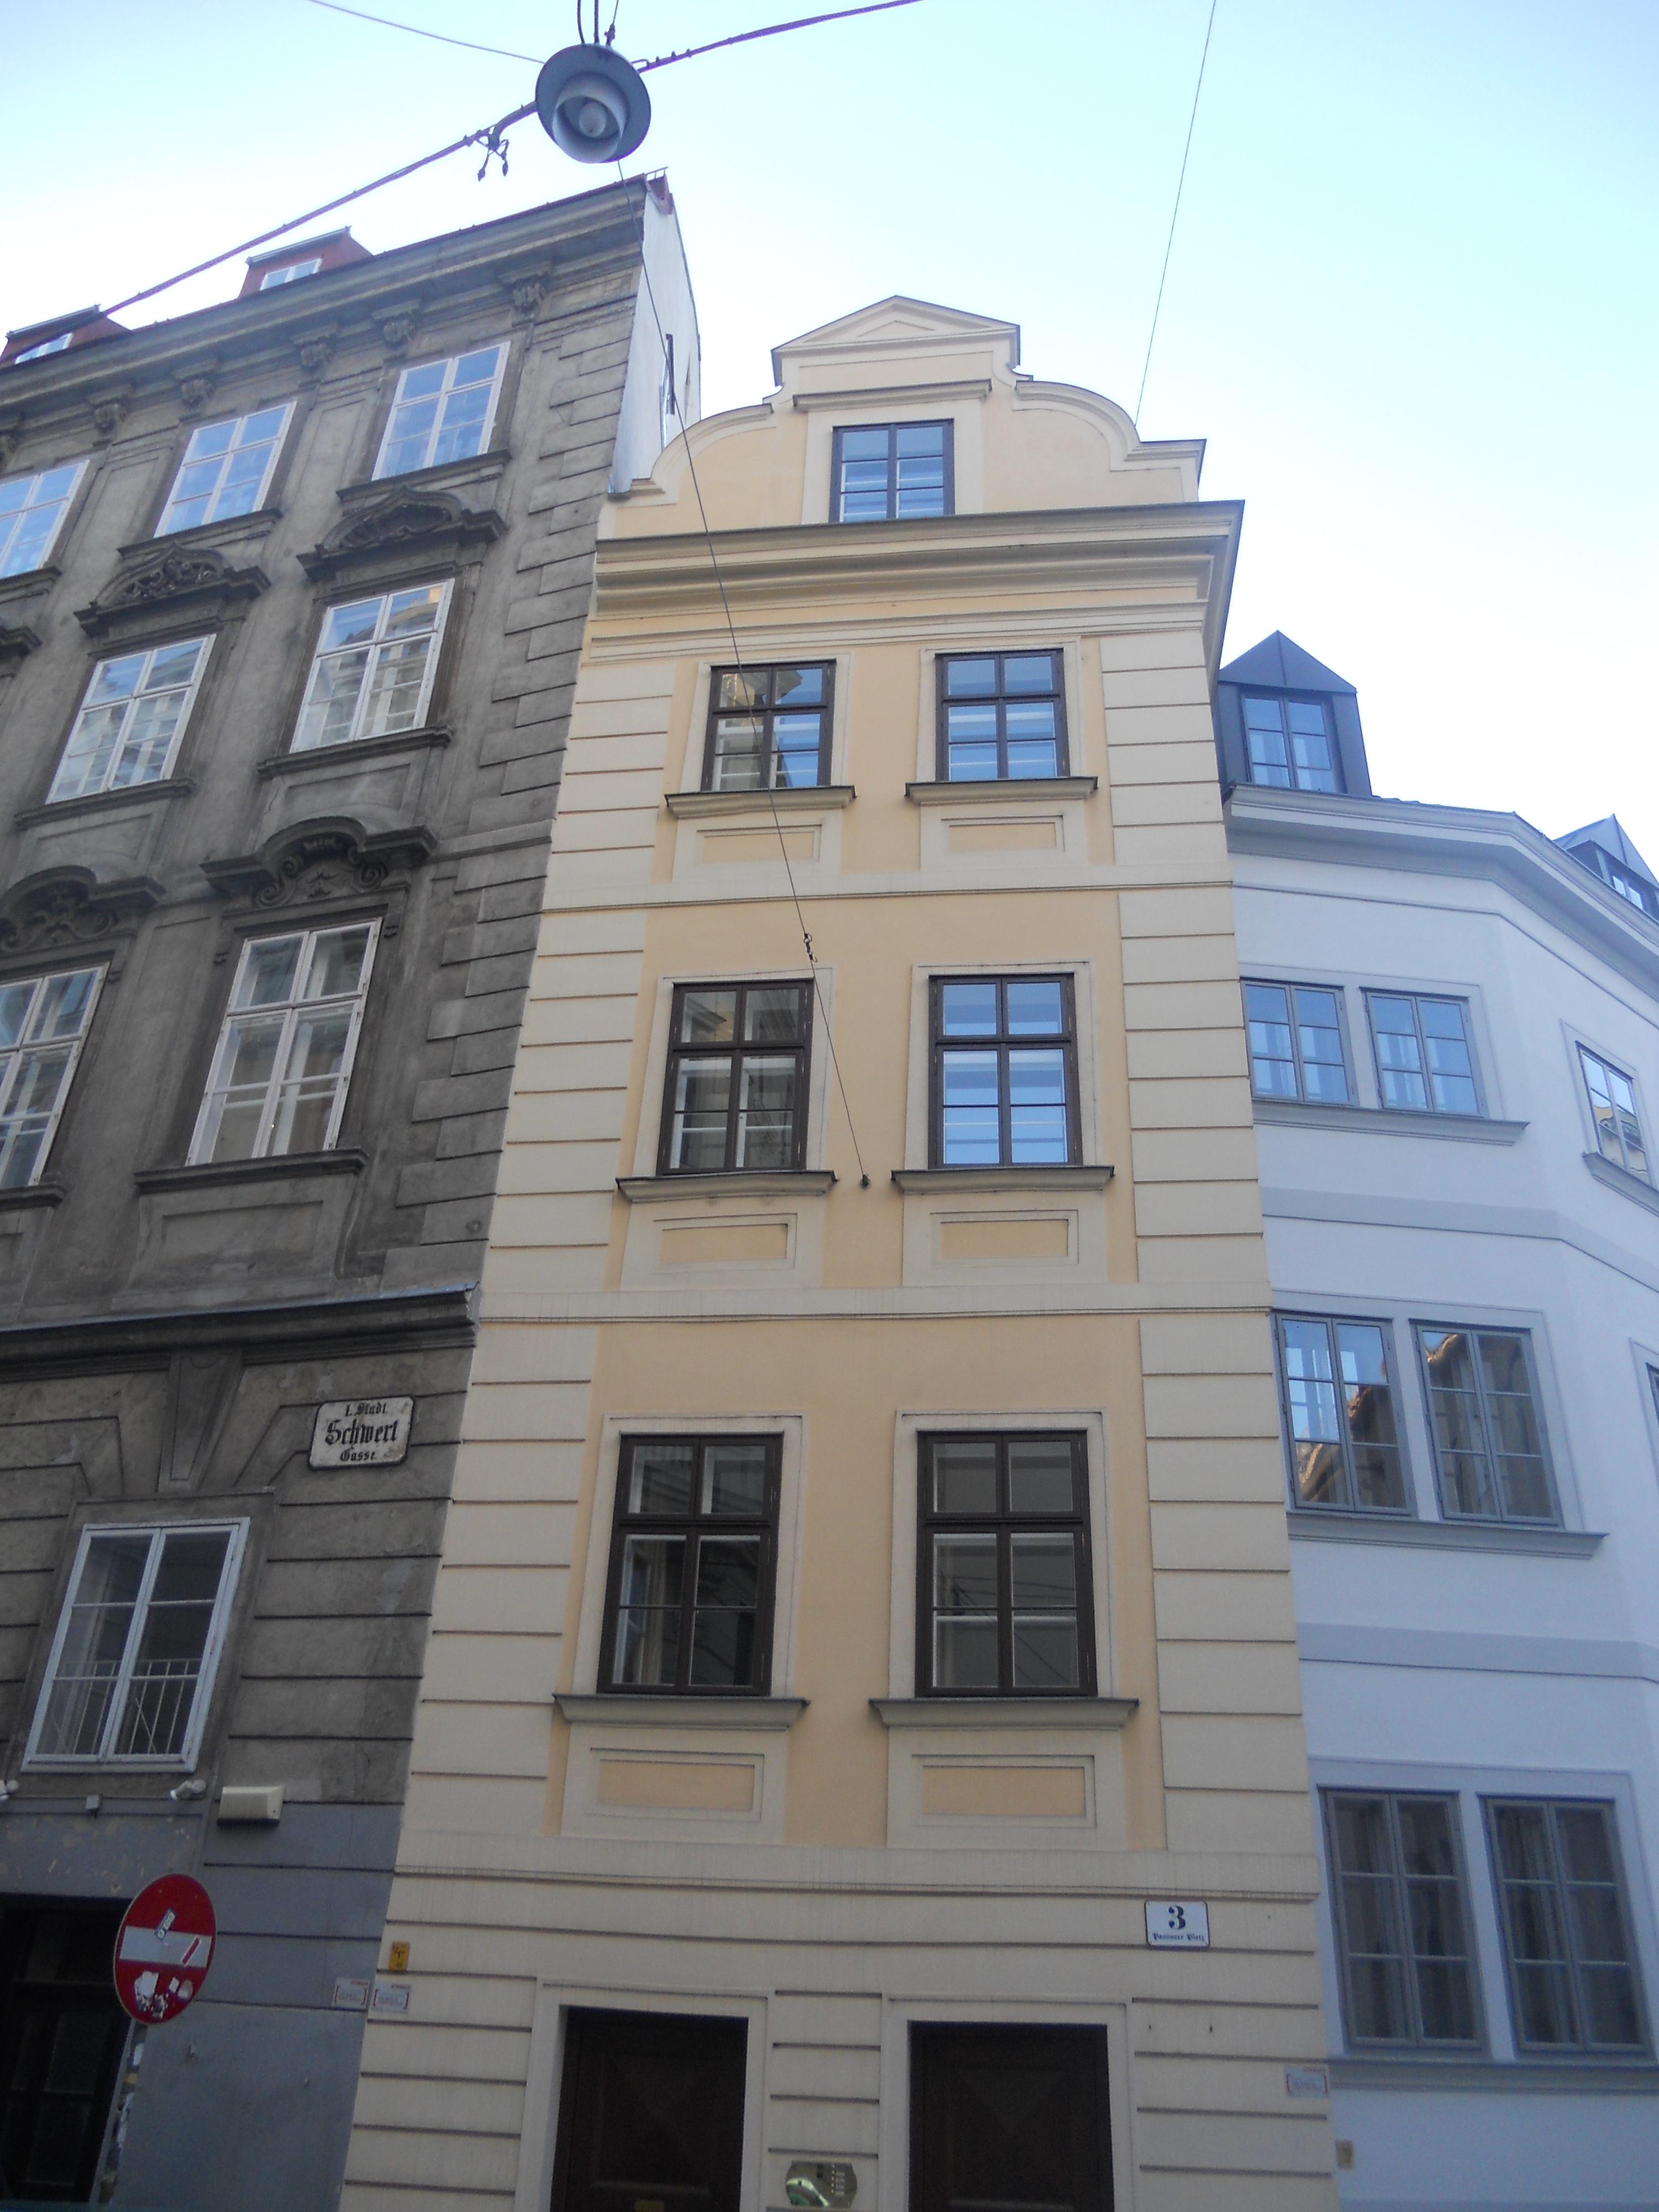 Passauerplatz3.jpg